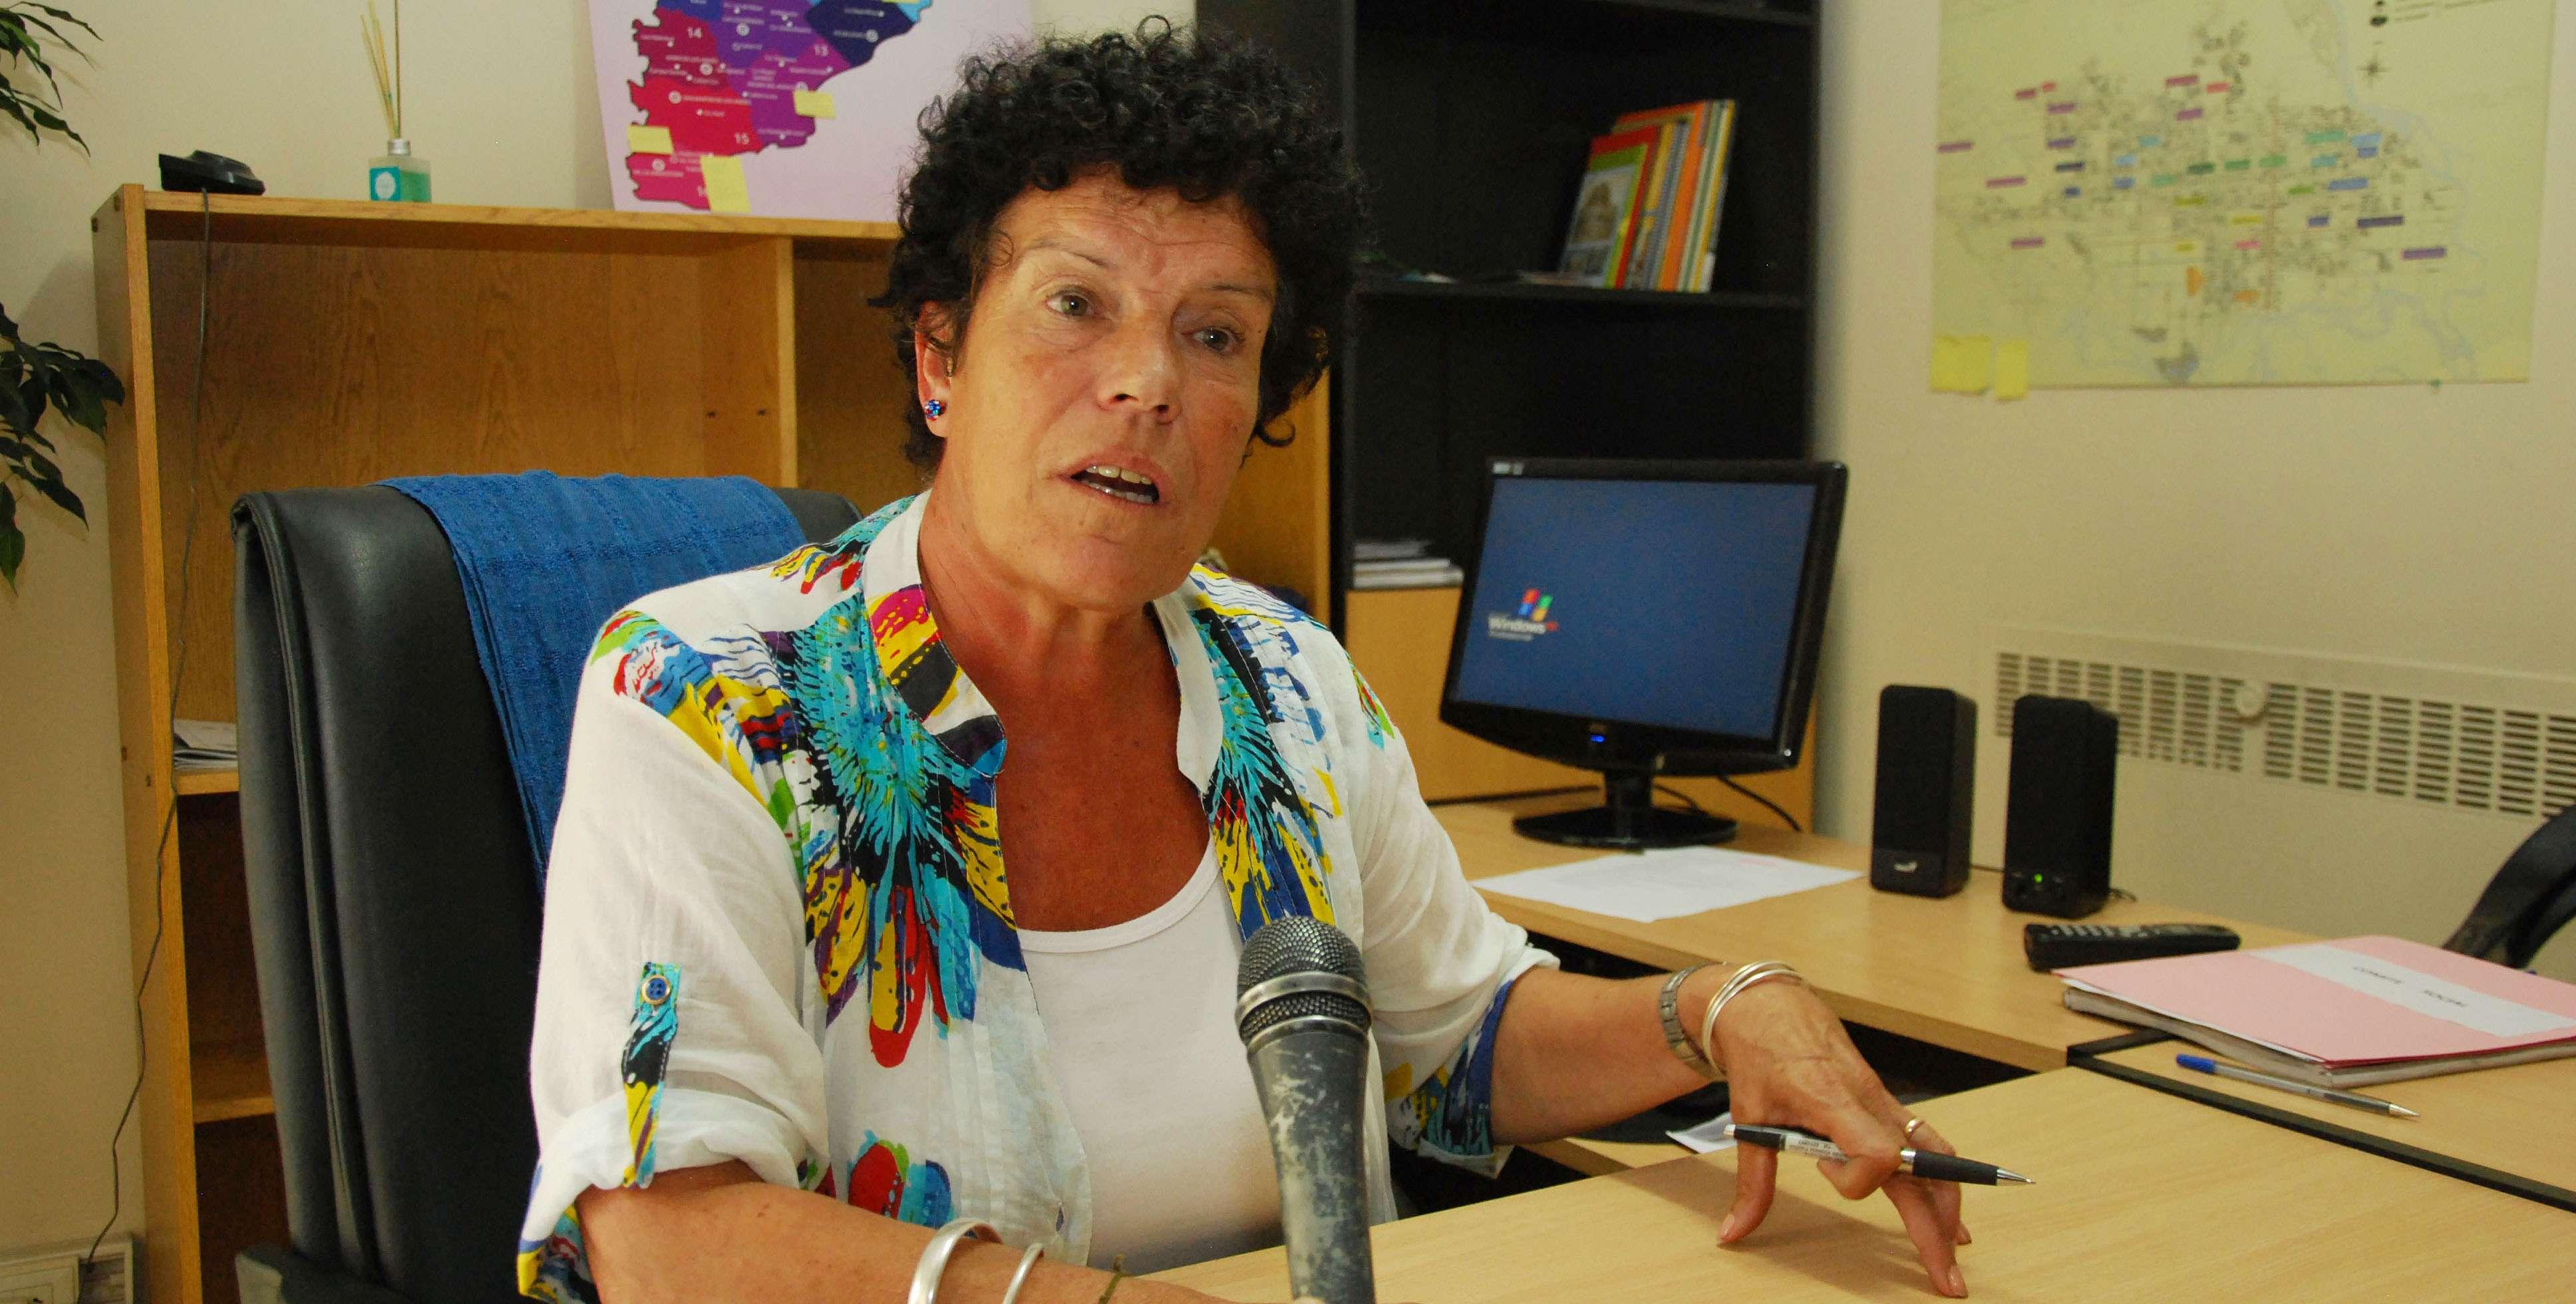 Nueva oficina de la subsecretar a de las mujeres neuqu n for Muebles de oficina en neuquen capital